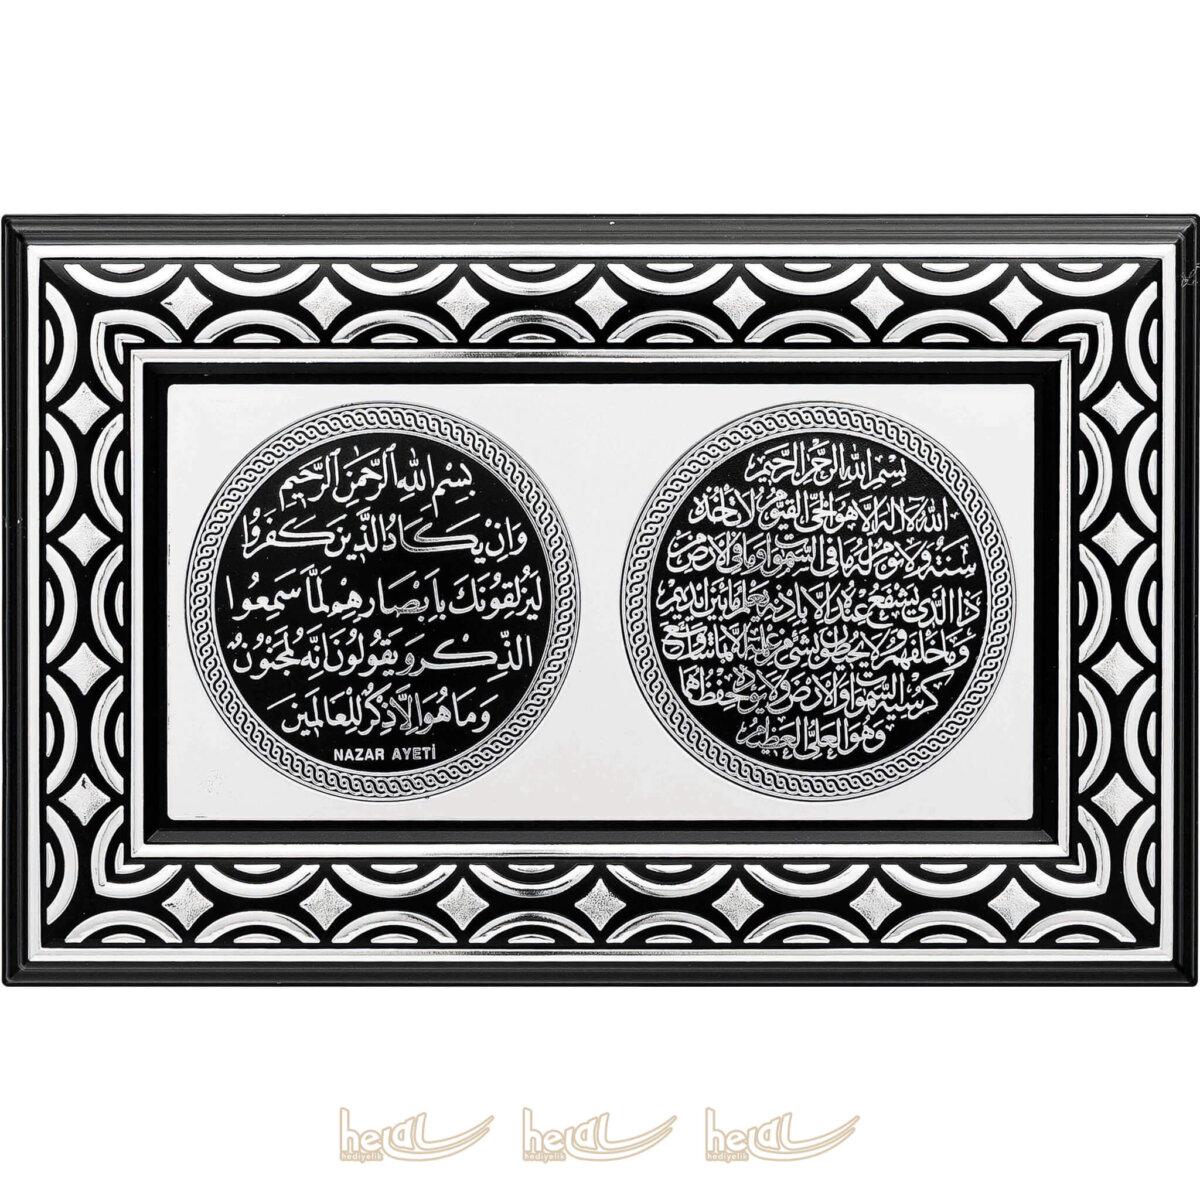 22x34cm Ayetel Kürsiv- Nazar Duası Kapı Girişine Uygun 2′ li Ayet Duvar Panosu Ayetli Duvar Süsleri